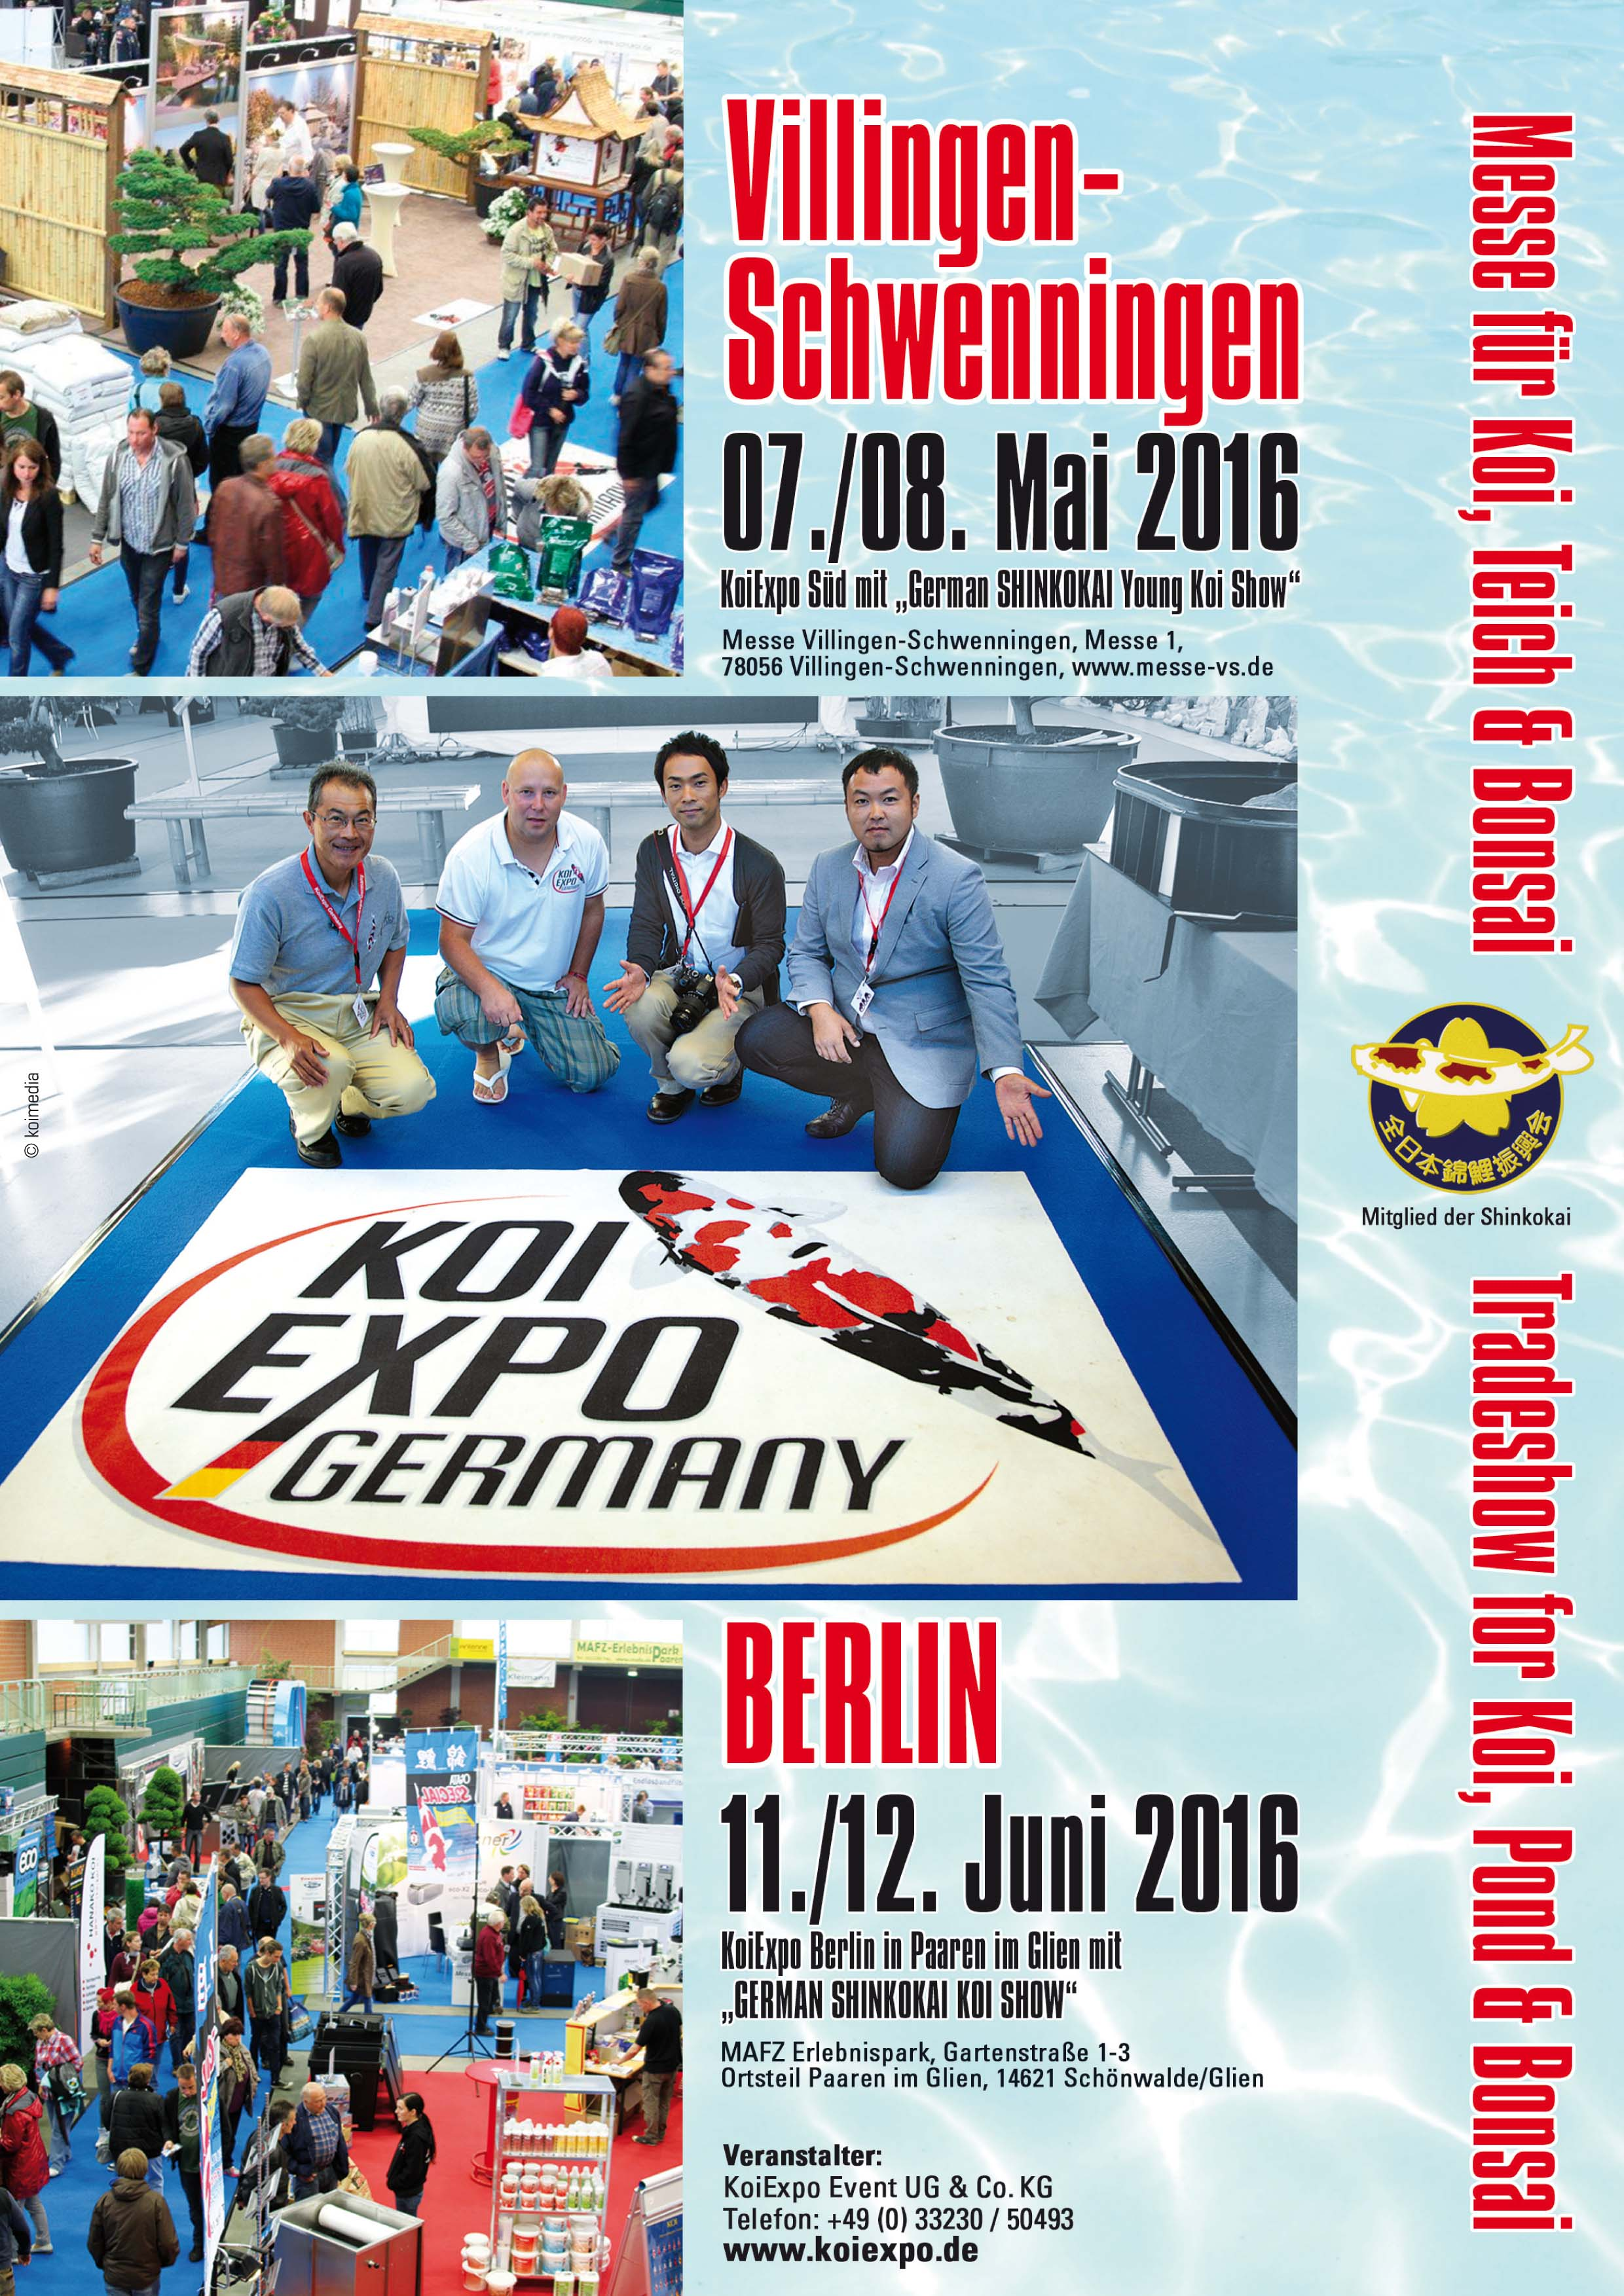 Germany Shinkokai Young KOI Show 2016